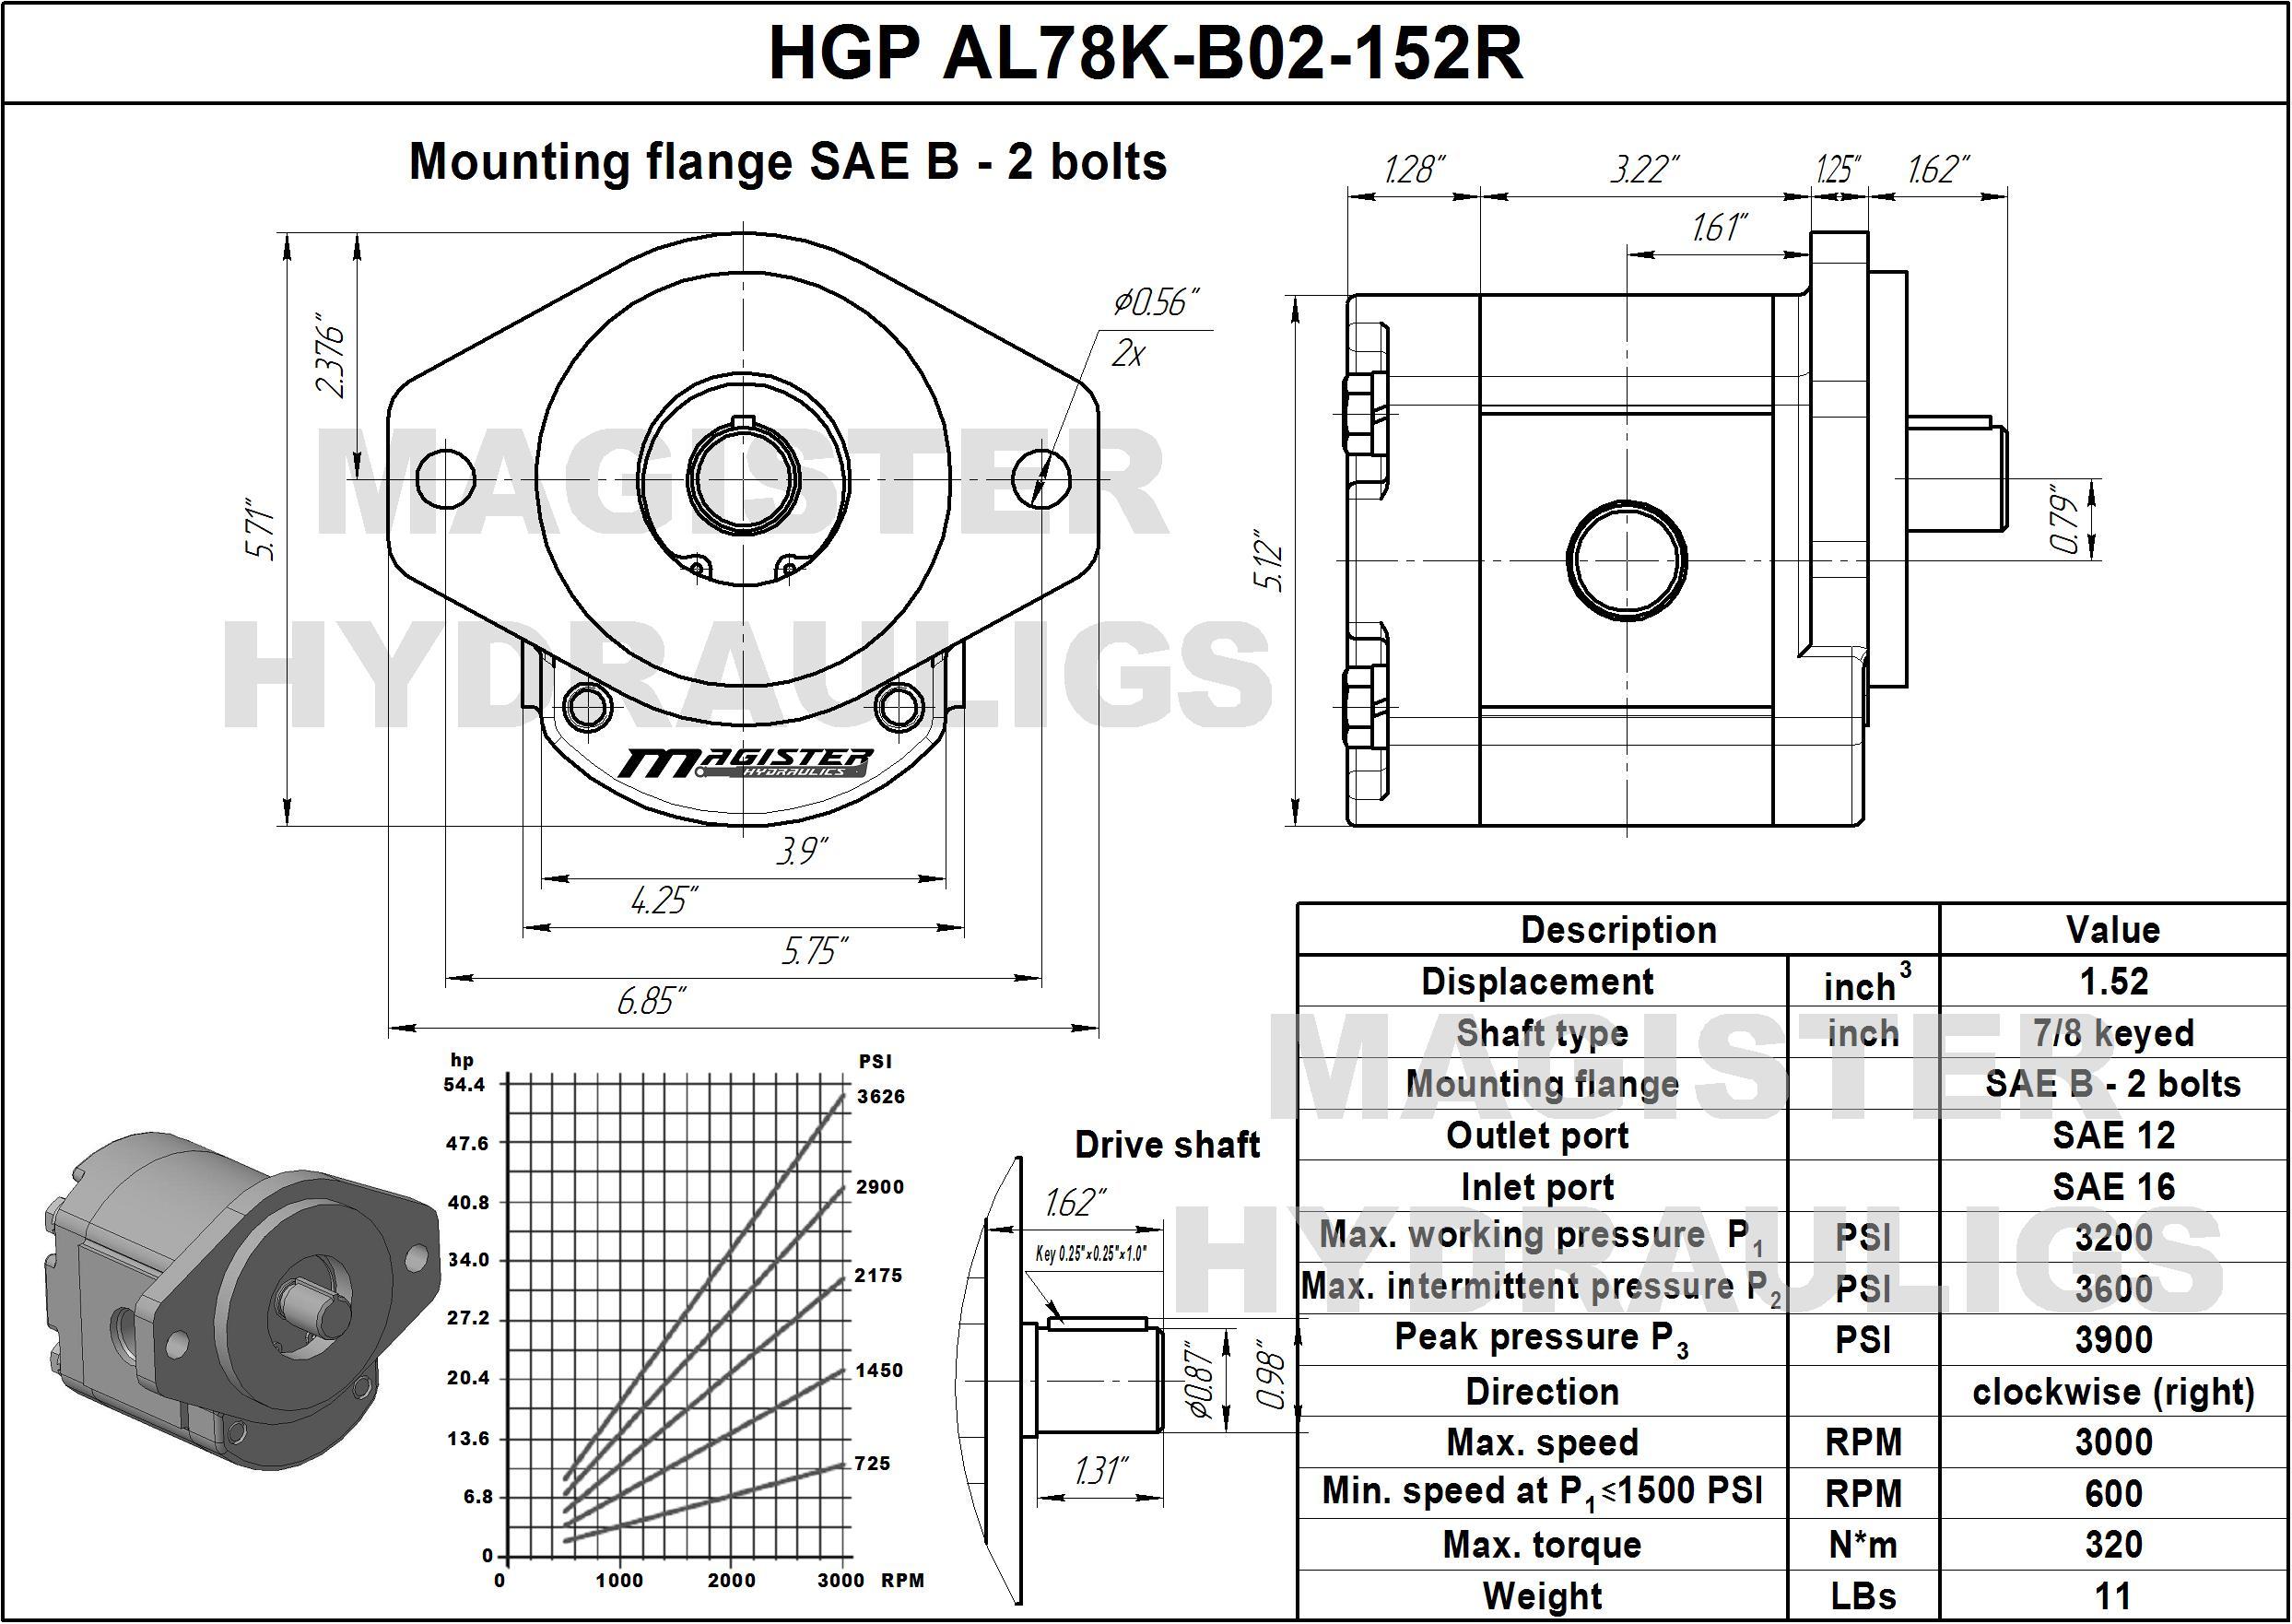 1.52 CID hydraulic gear pump, 7/8 keyed shaft clockwise gear pump | Magister Hydraulics